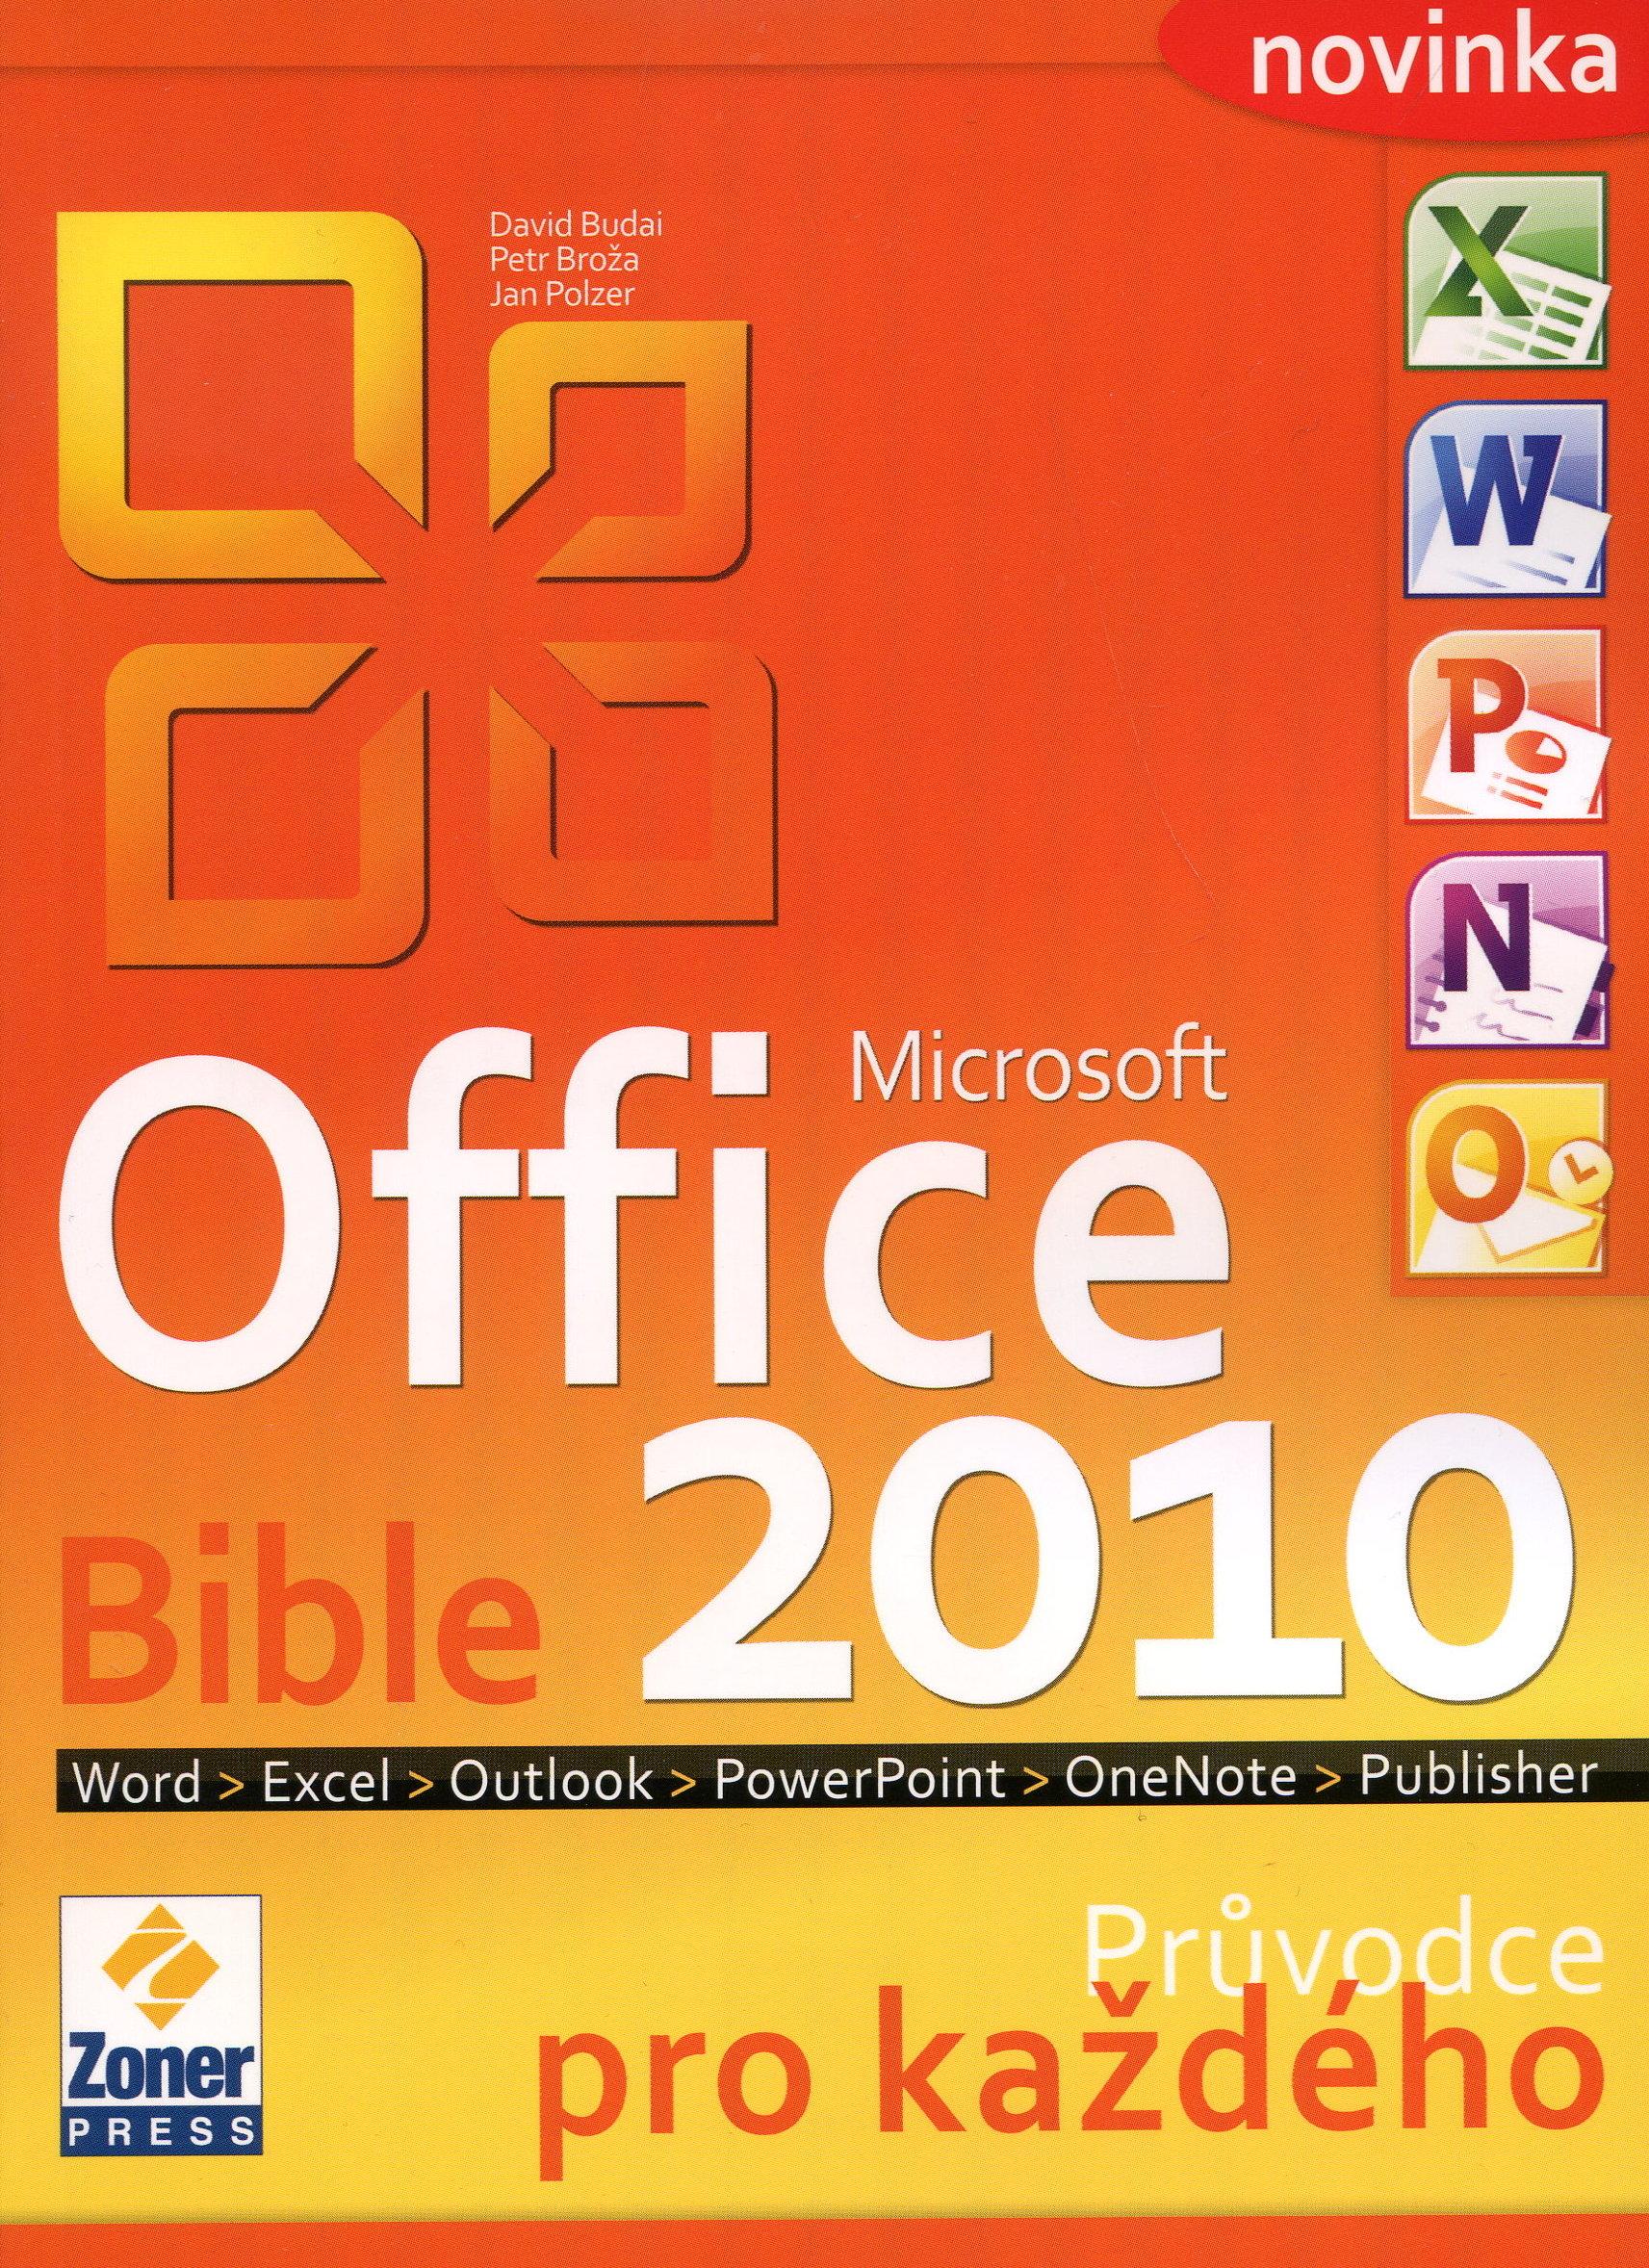 MS Office 2010 Bible - Průvodce pro každého